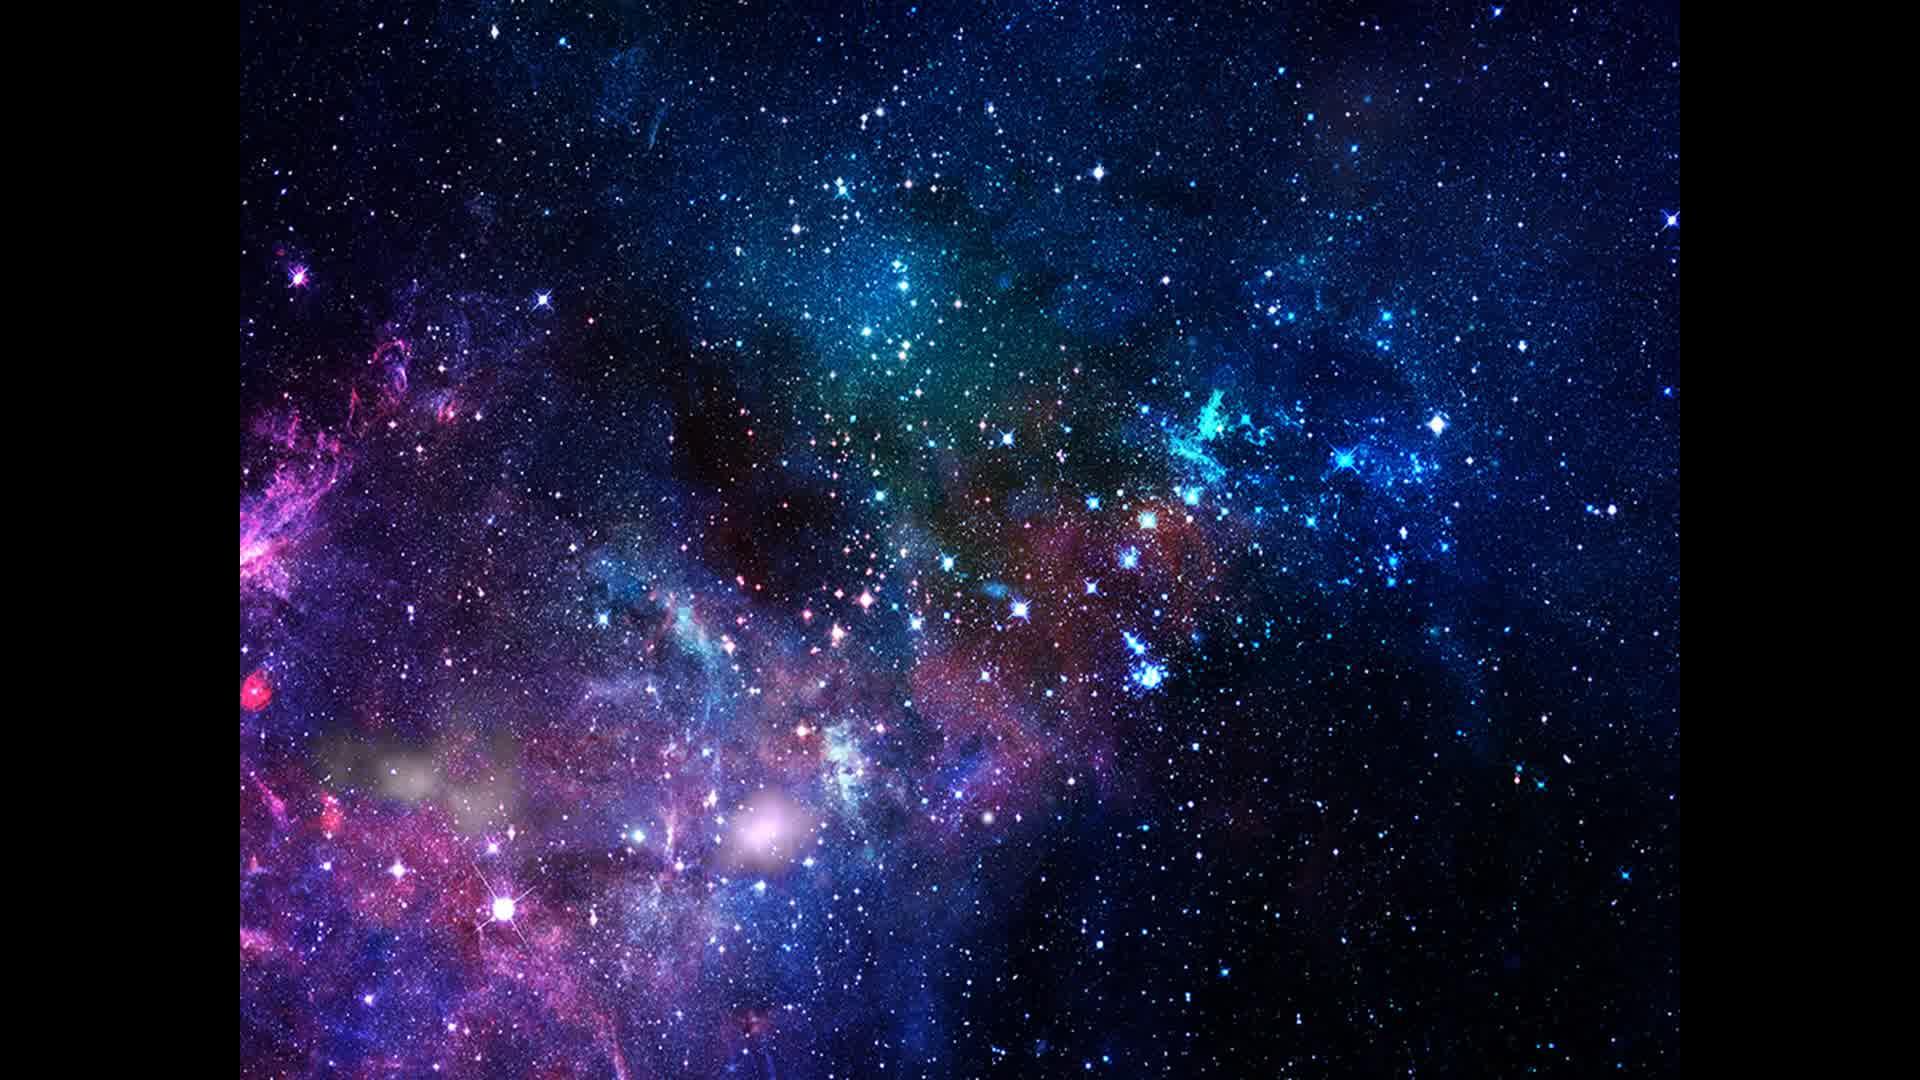 【原创曲】四千光年之外(纯音乐)【莉莉小天使啊】图片